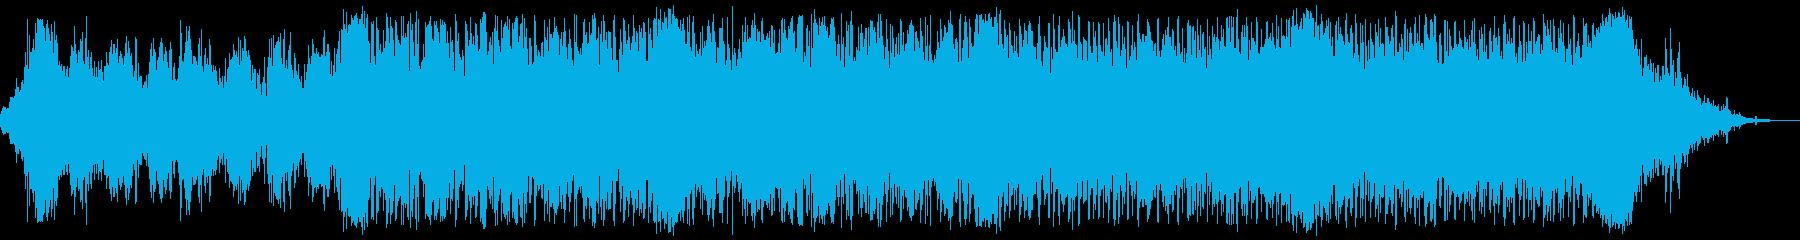 緊張のデジタルとオーケストラの疾走逃走劇の再生済みの波形